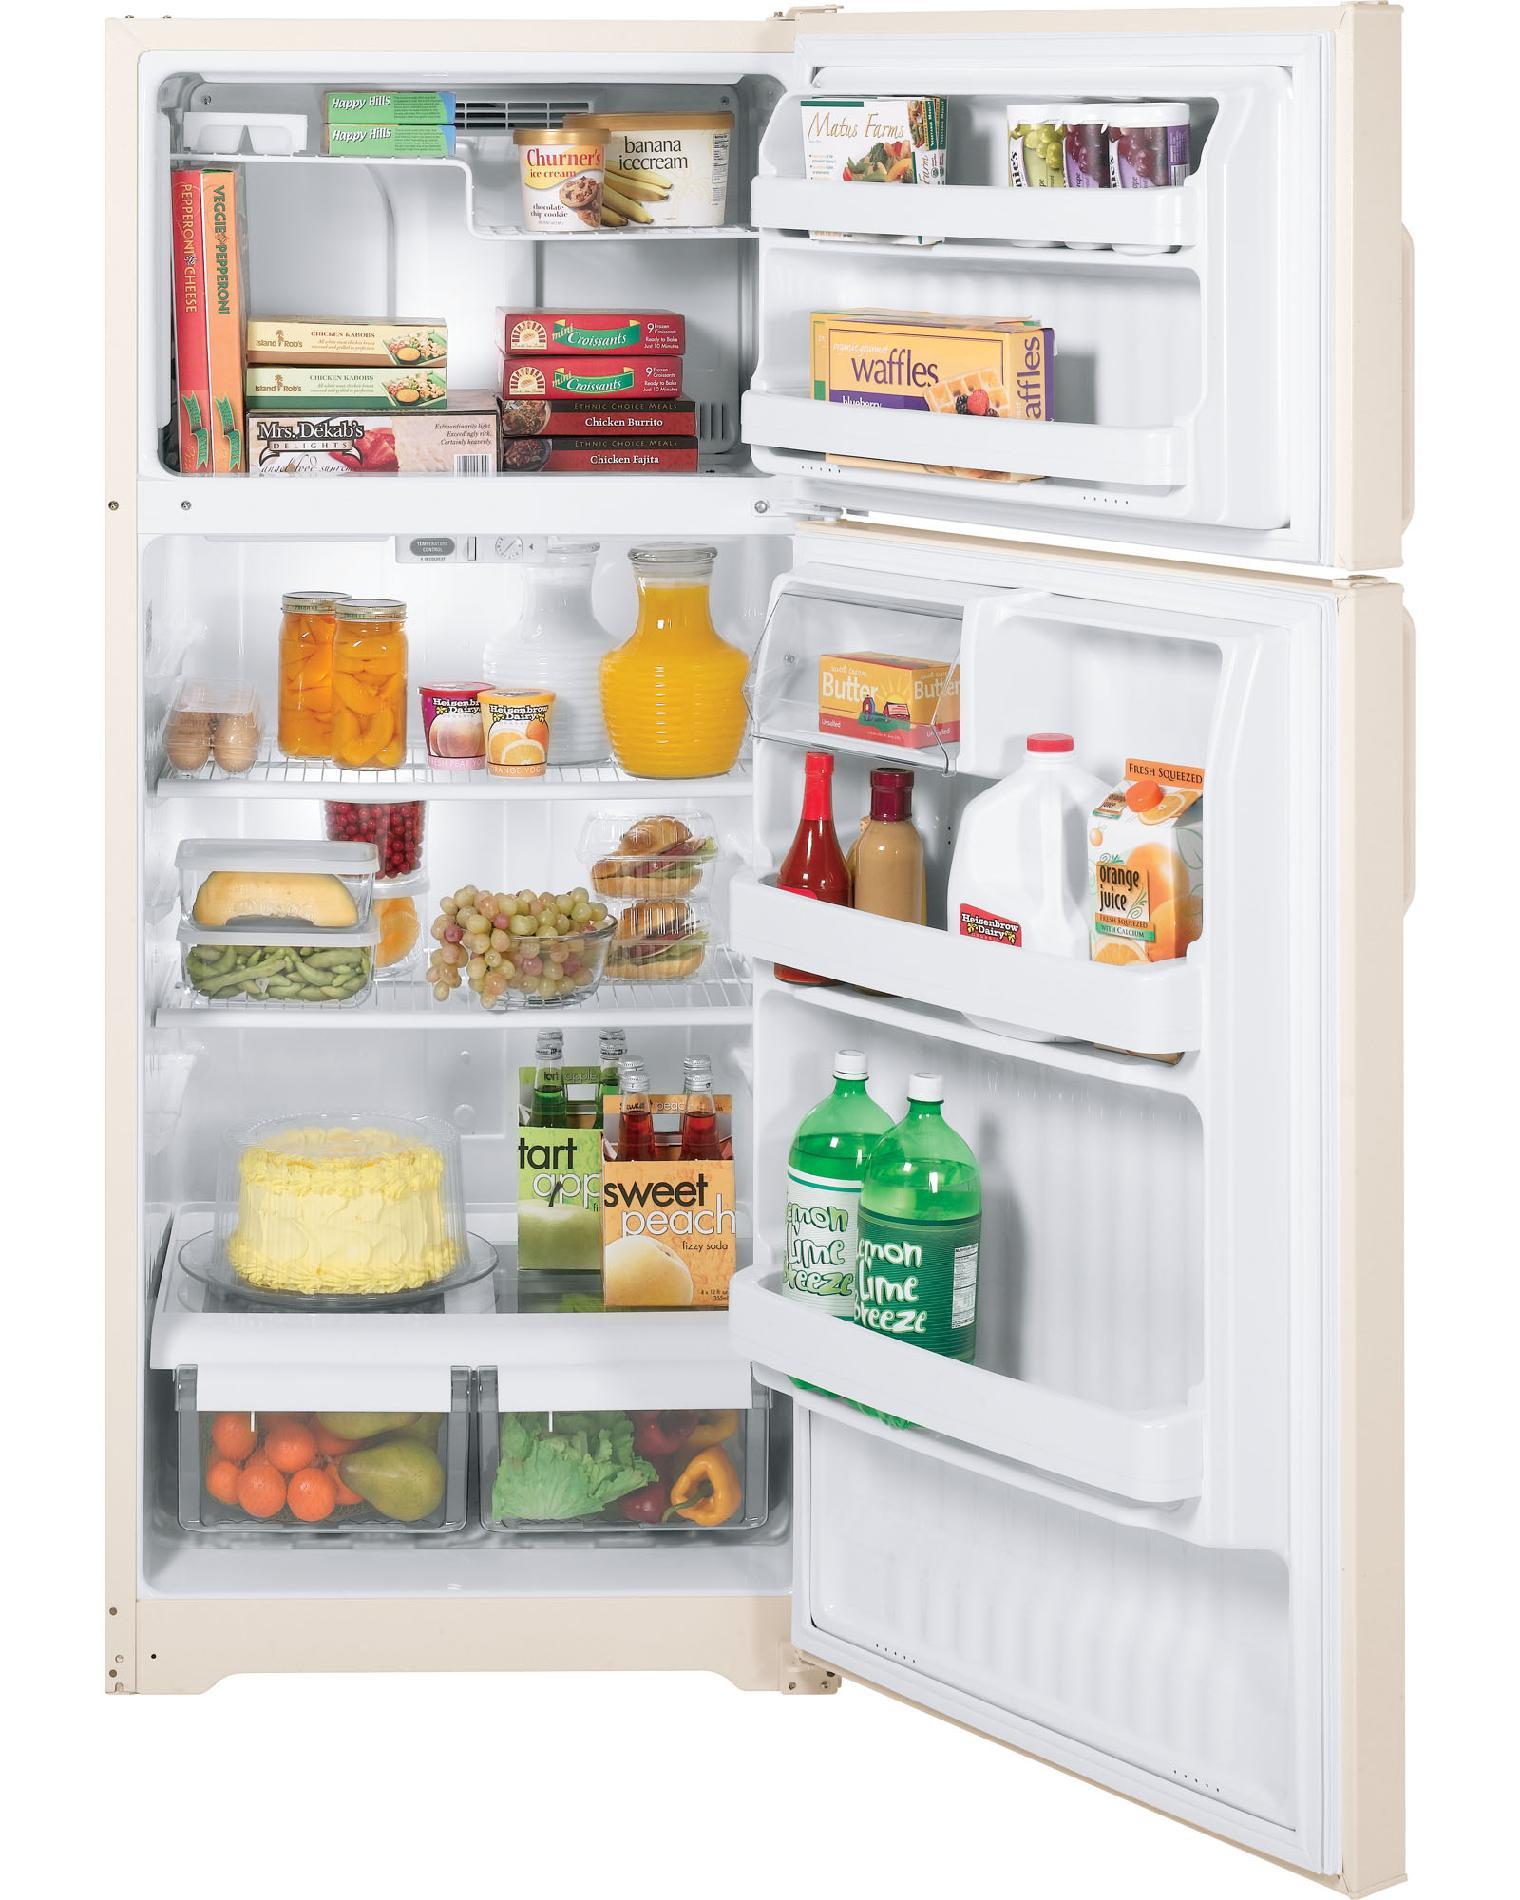 GE 15.7 cu. ft. Top-Freezer Refrigerator - Bisque